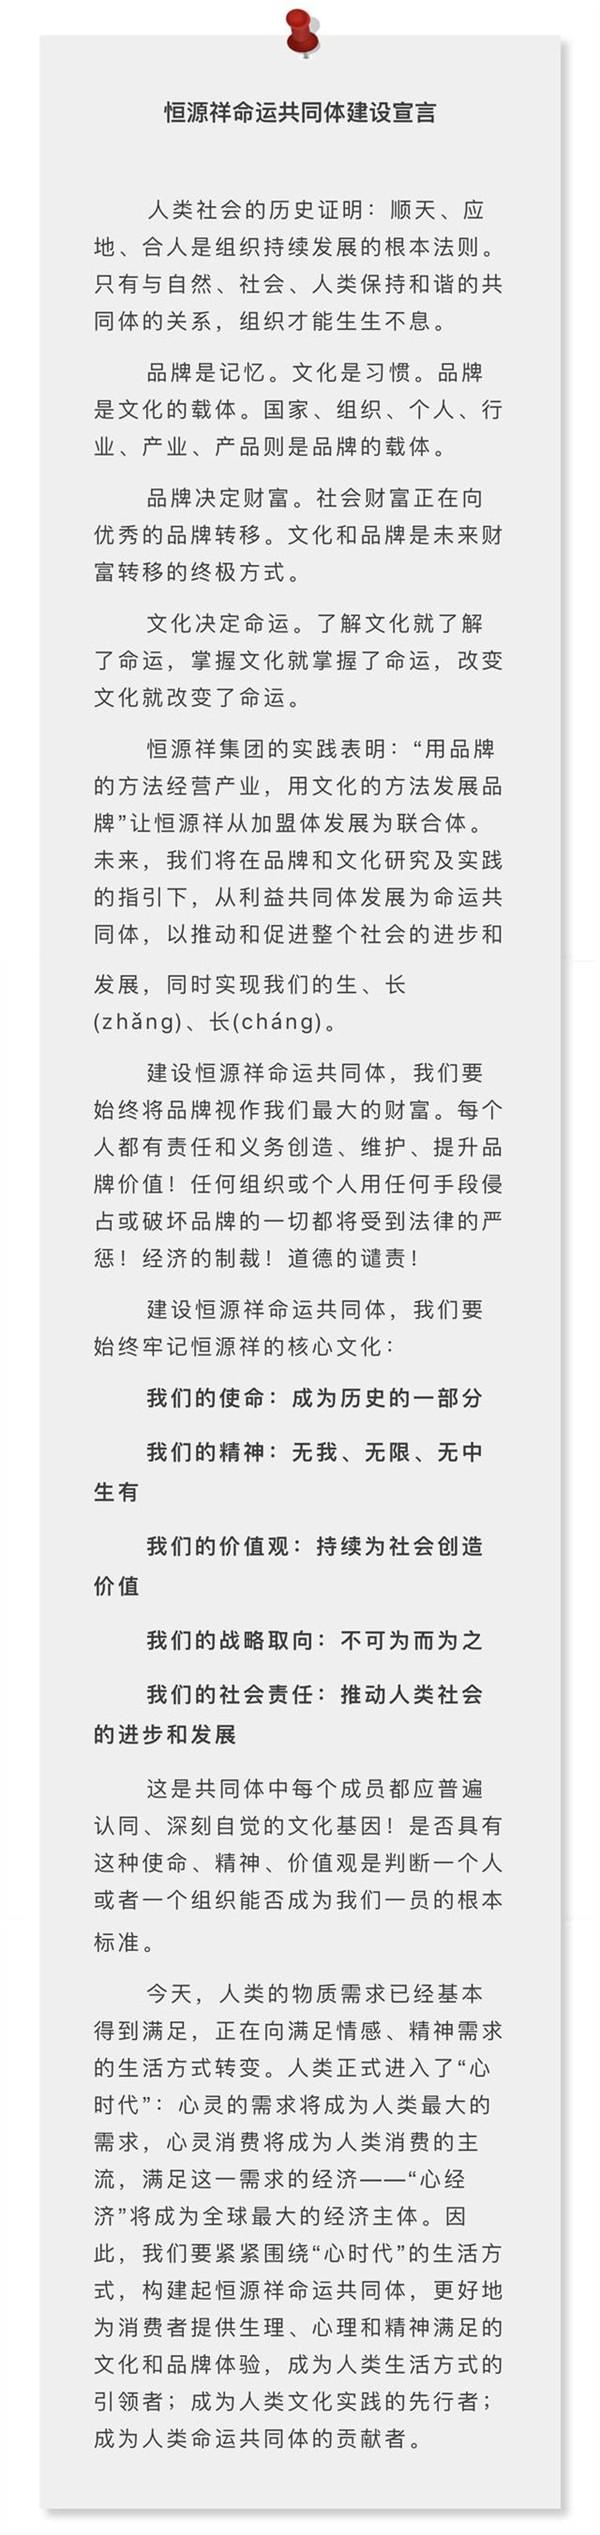 2017年恒源祥联合体代表大会在人民大会堂顺利召开